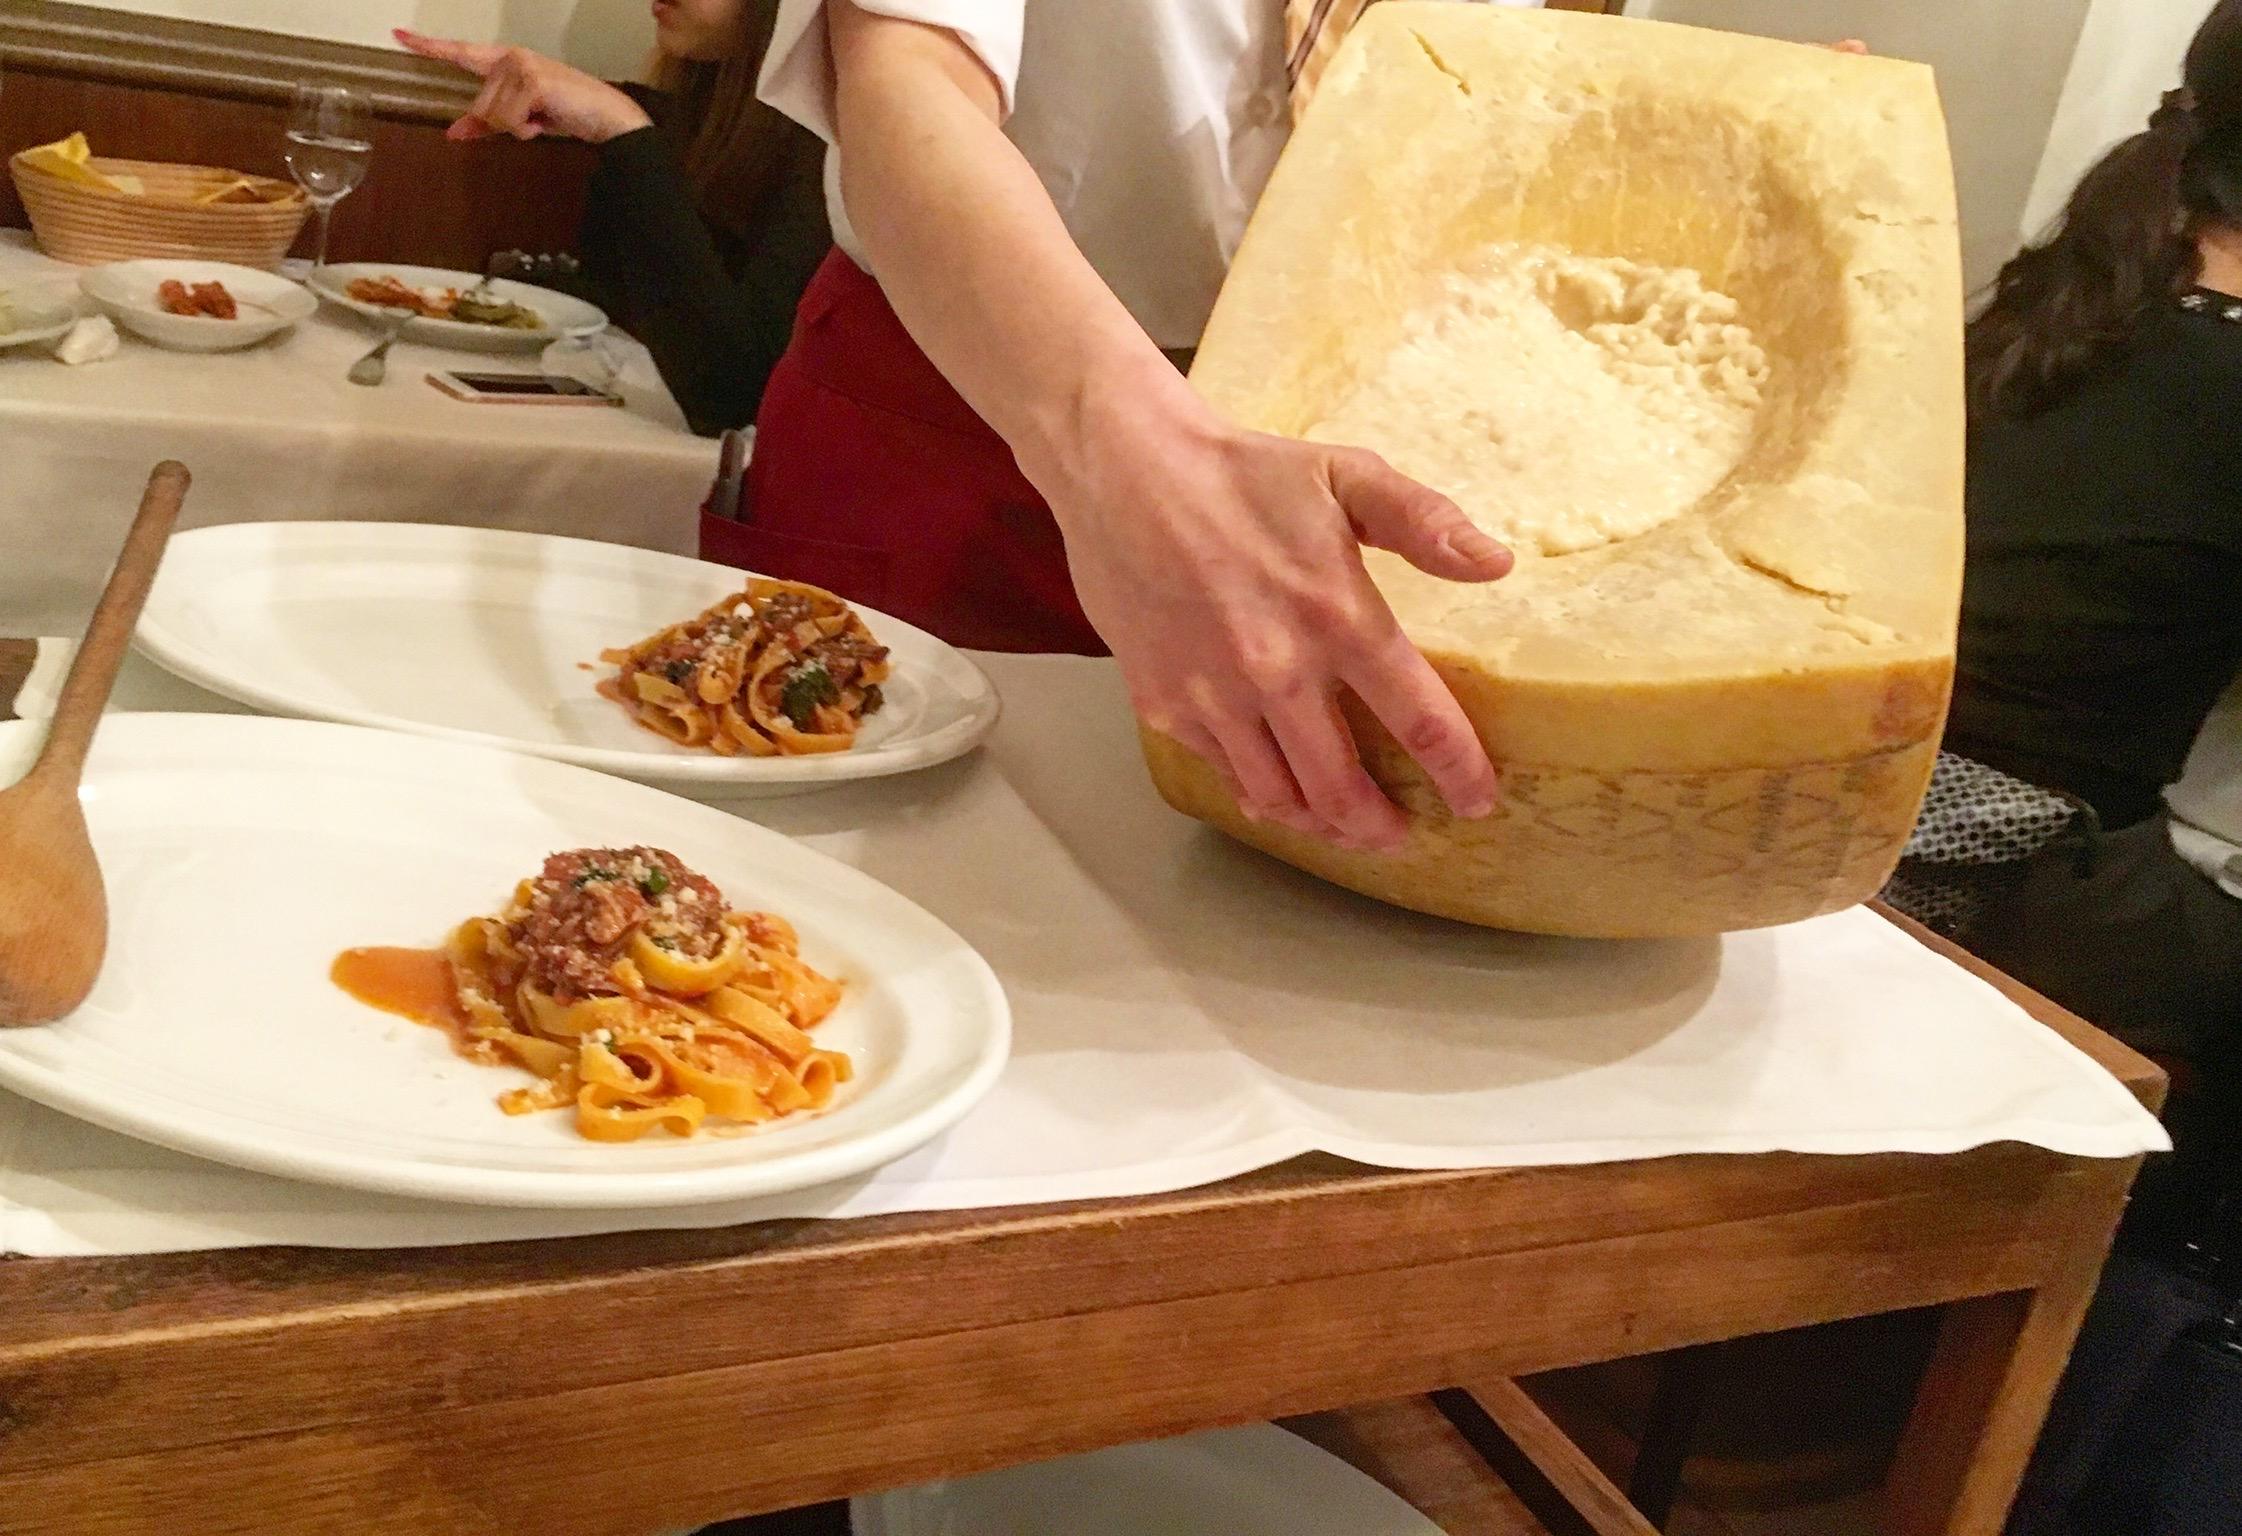 「牛テールの煮込みの手打ちパスタ」と「4種類のチーズリゾット」